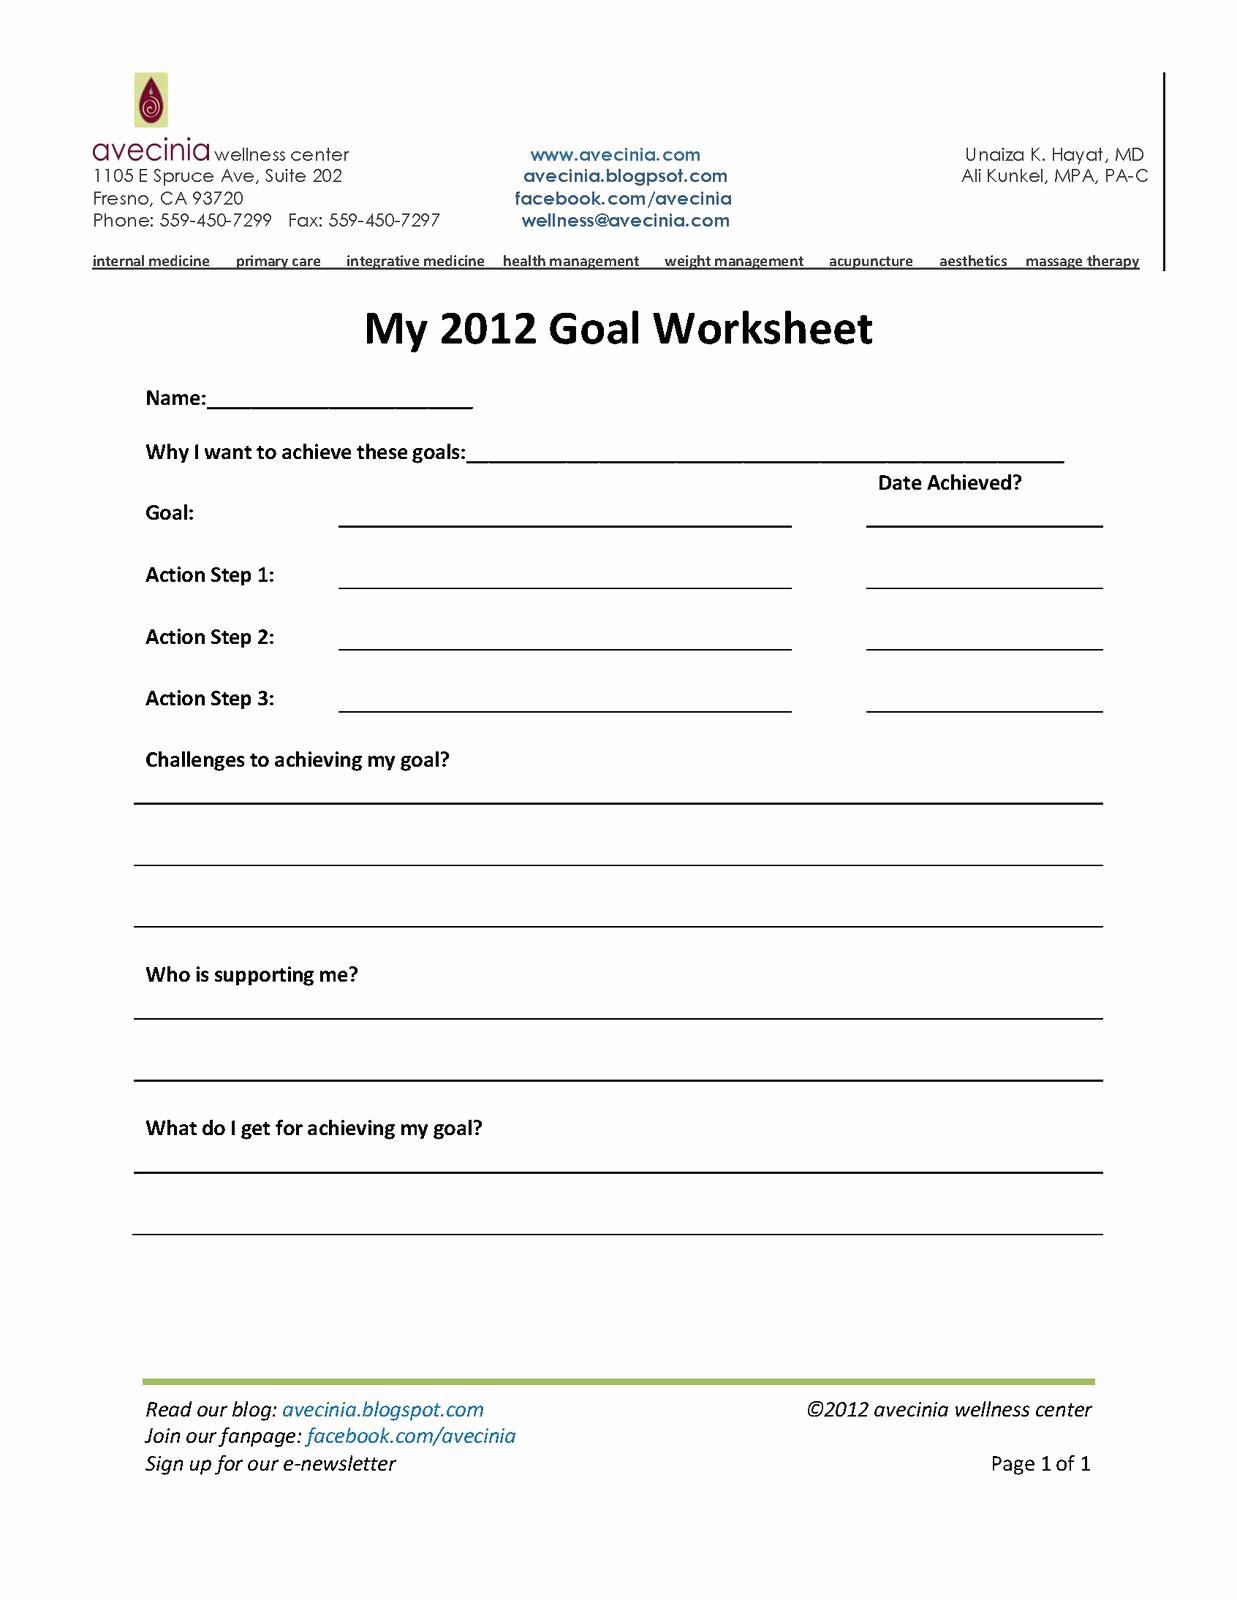 Free Printable Health Worksheets Luxury Free Printable Health and Wellness Worksheets Coloring Pages